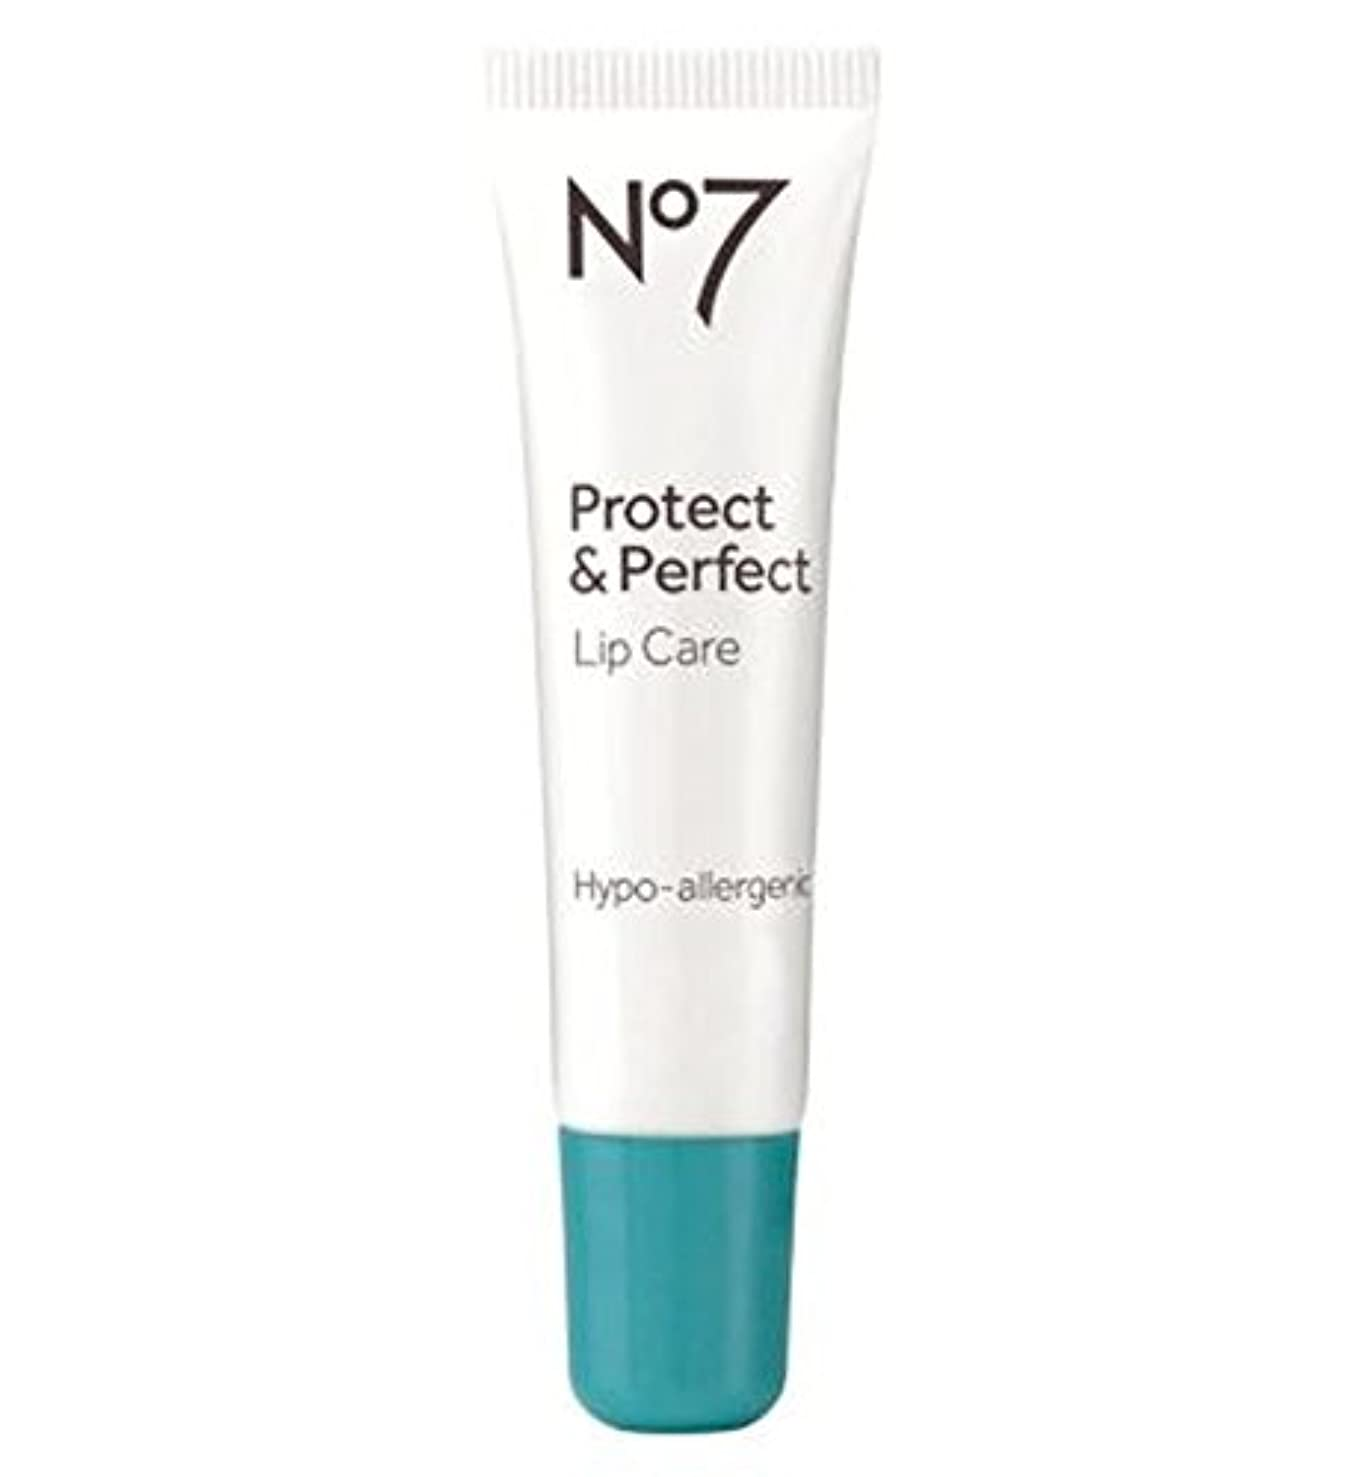 印象的なナース試用No7 Protect & Perfect Lip Care 10ml - No7保護&完璧なリップケア10ミリリットル (No7) [並行輸入品]